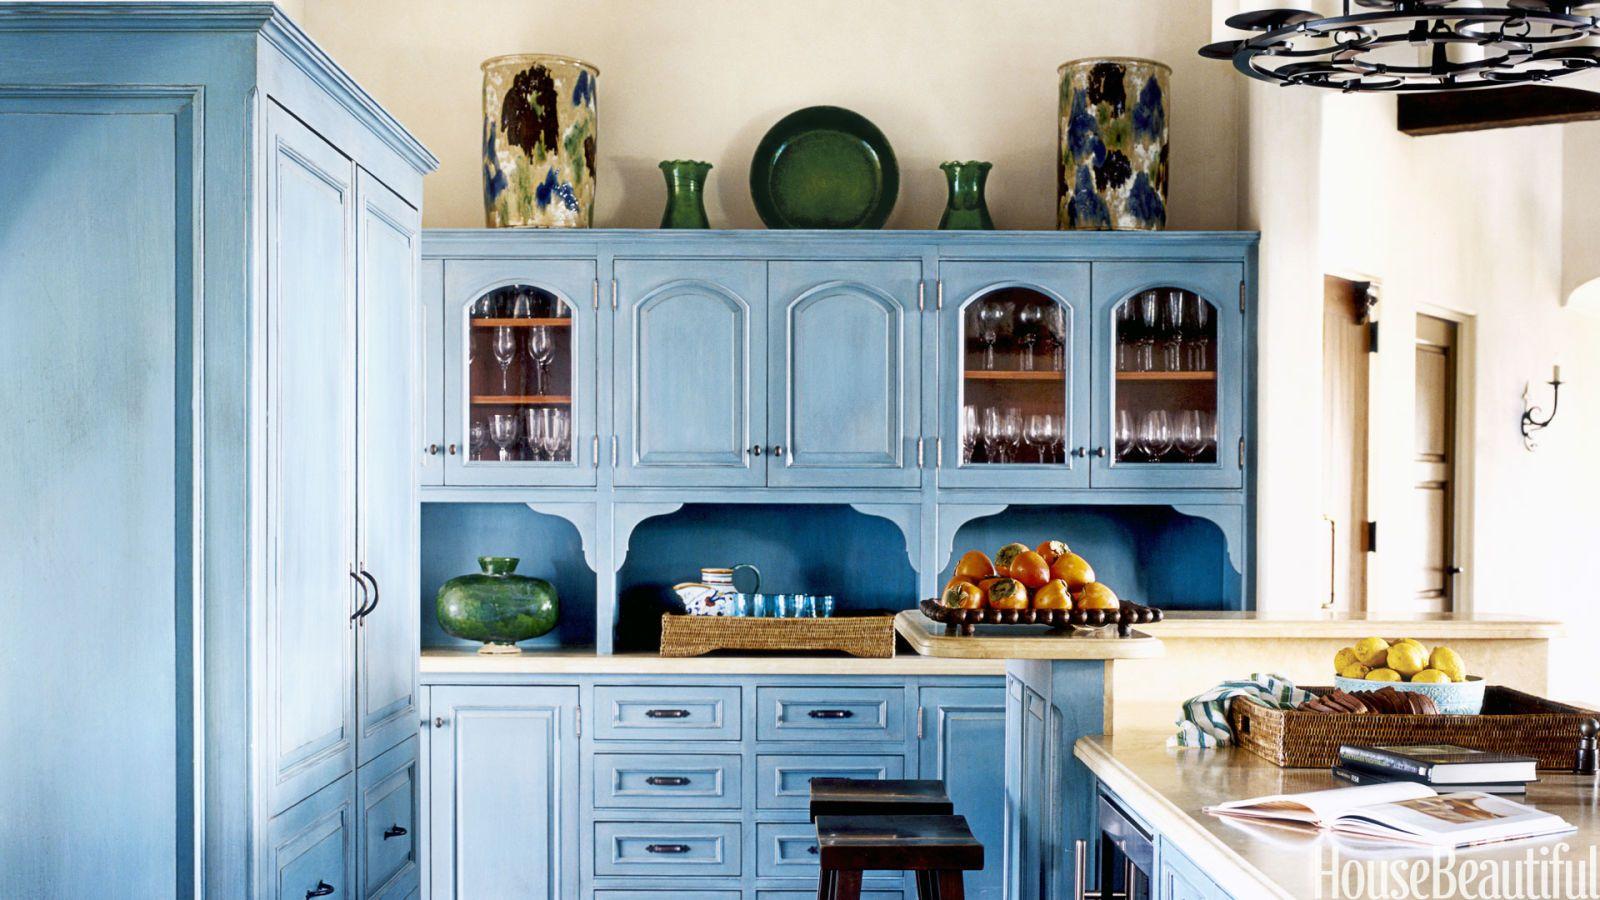 Happy Kitchen Ideas - Bright Kitchens